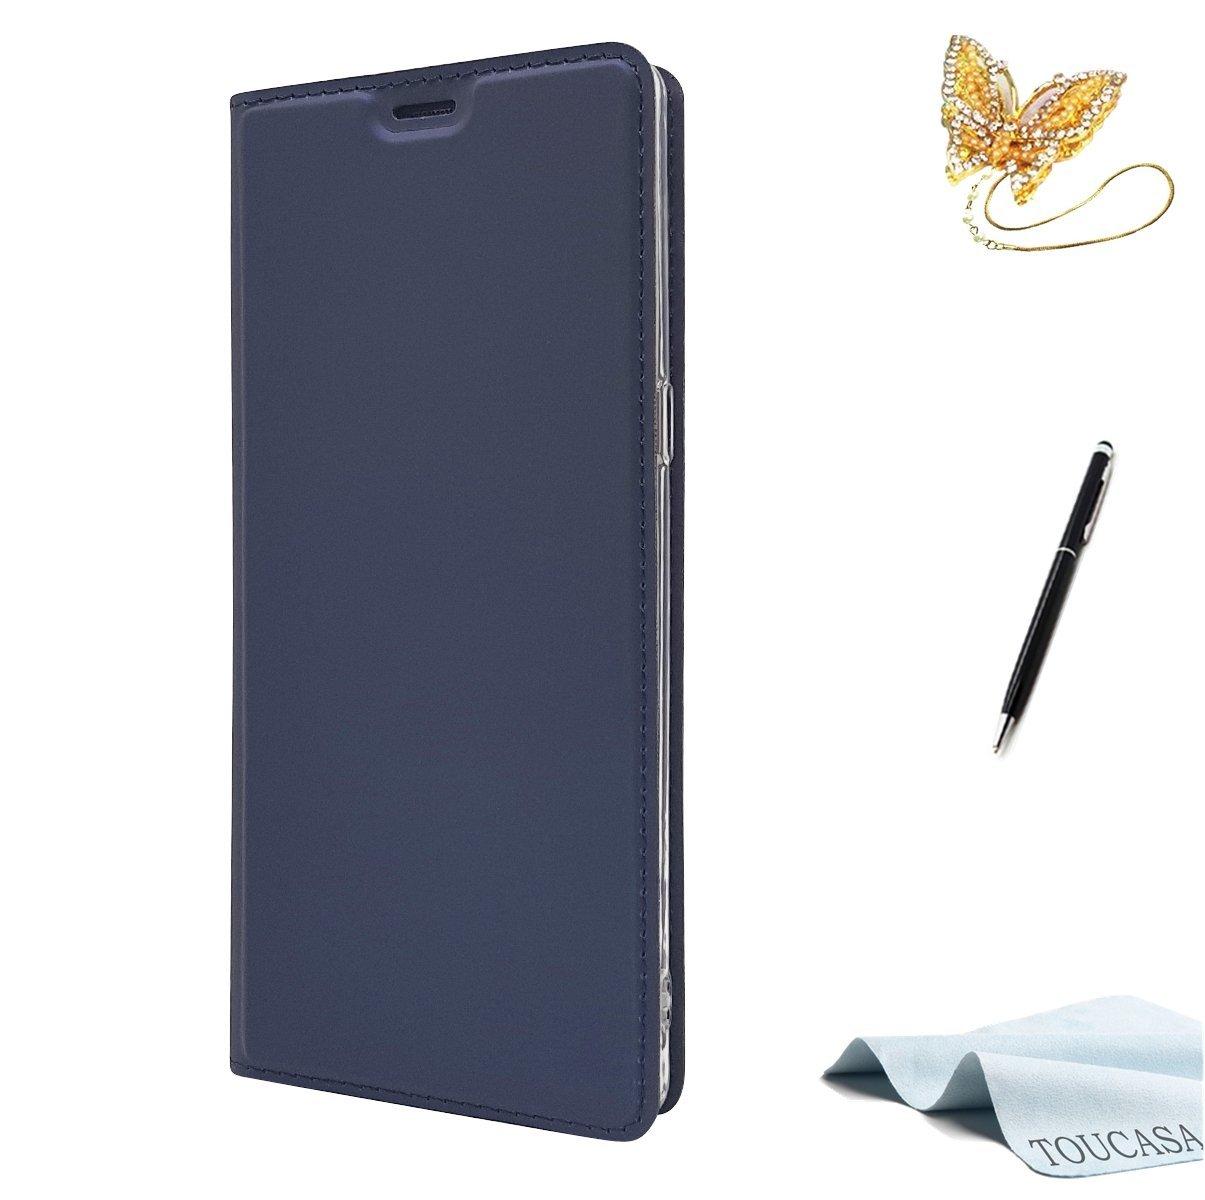 Coque Galaxy S7 Edge, Housse Galaxy S7 Edge, TOUCASA Coque Cuir PU Luxe Portefeuille à aimant Antichoc Béquille Protection Complète Fente Carte [Magnétique caché] 0.2cm [Très mince] 33g [Ultra léger] coque 360 antichoc avec [Garantie à vie] Motif Étui de P